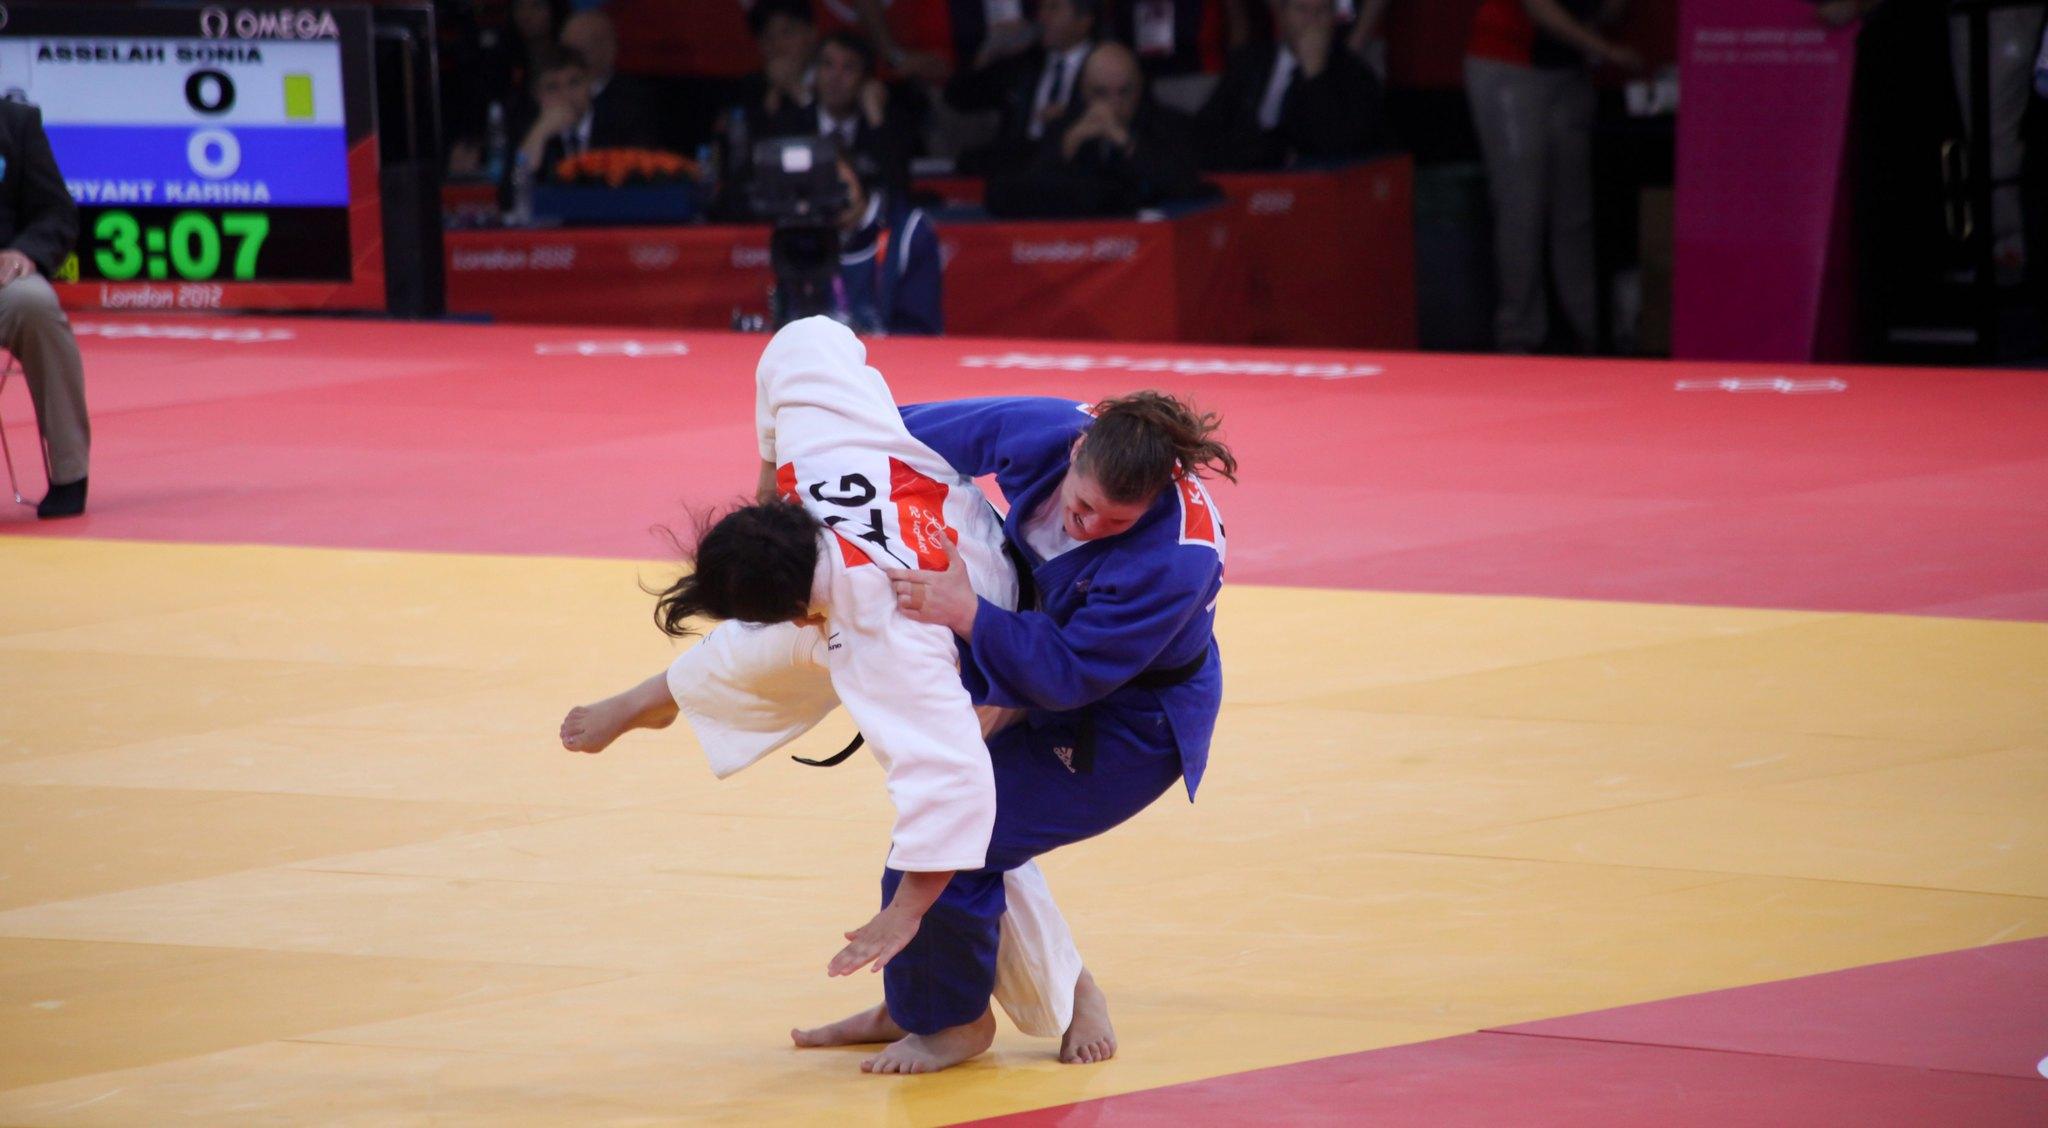 全日本女子柔道選手権大会2020結果速報・NHK放送・日程組み合わせ・出場選手